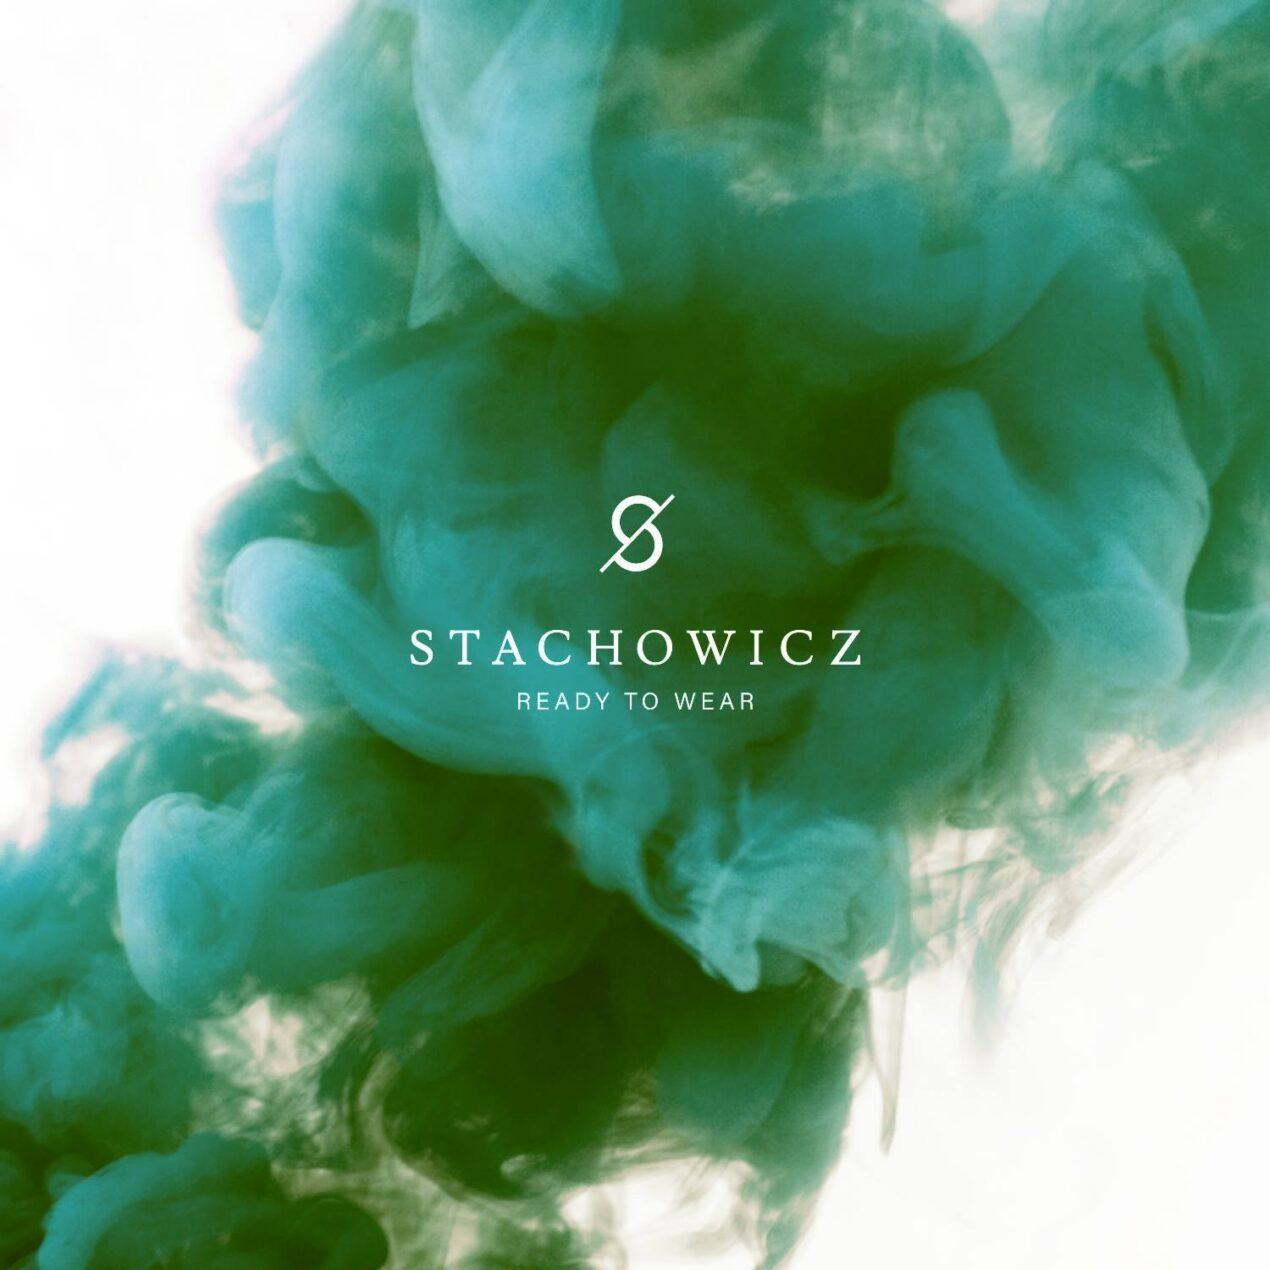 Stachowicz Ready To Wear